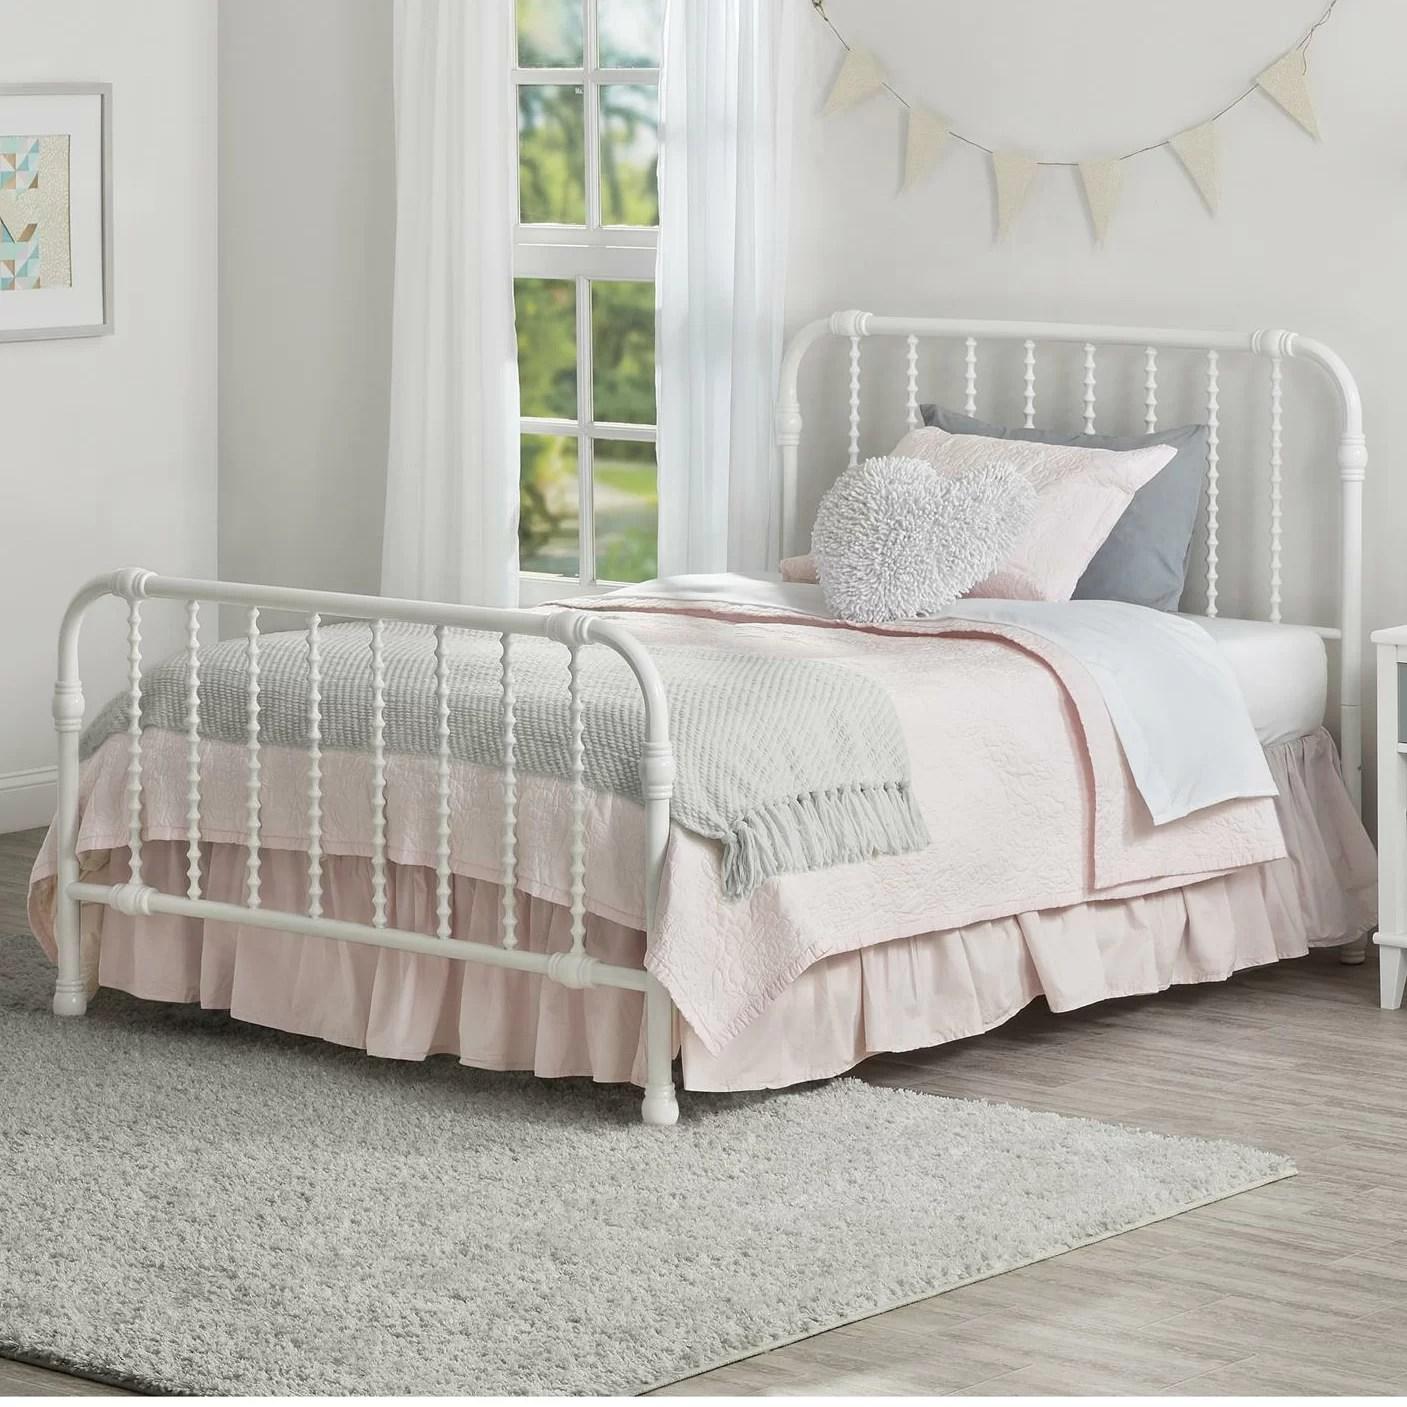 Monarch Hill Wren Bed Reviews